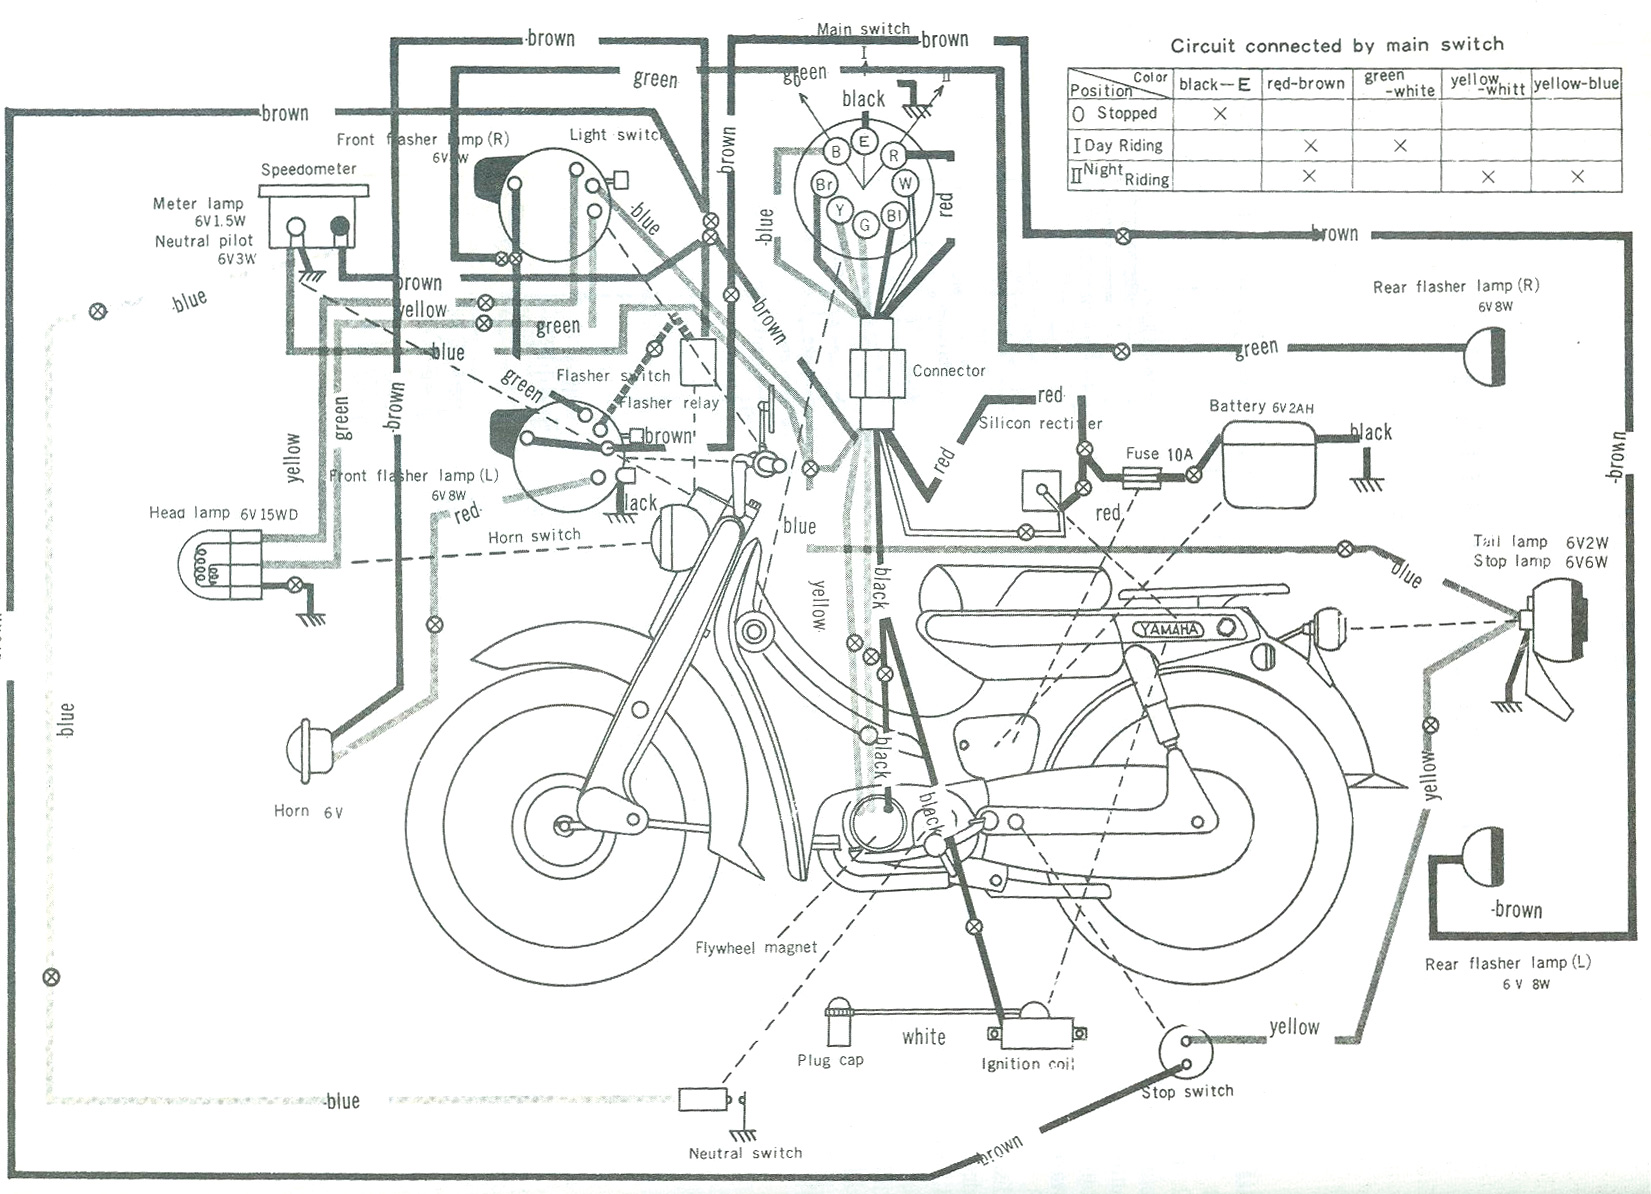 Vino 125 Wiring Diagram - Wiring Diagram G11 Yamaha Dt Re Wiring Diagram on